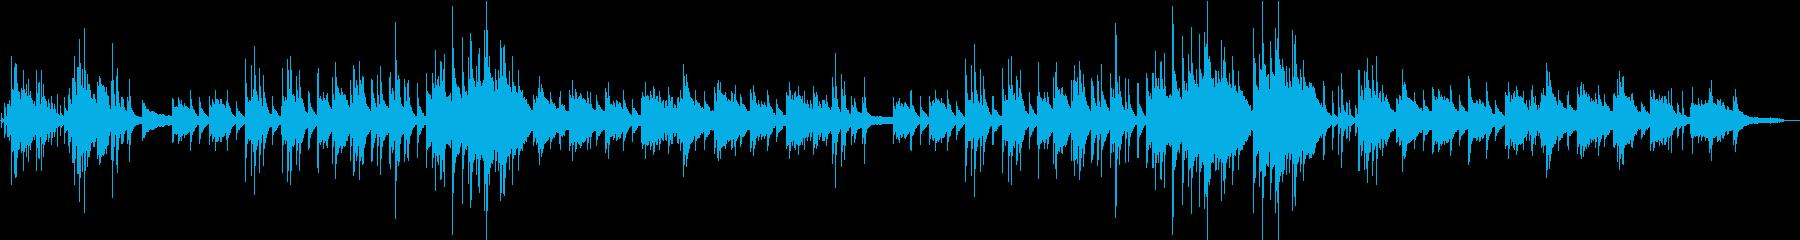 童謡「雪」エモいチルピアノアレンジの再生済みの波形